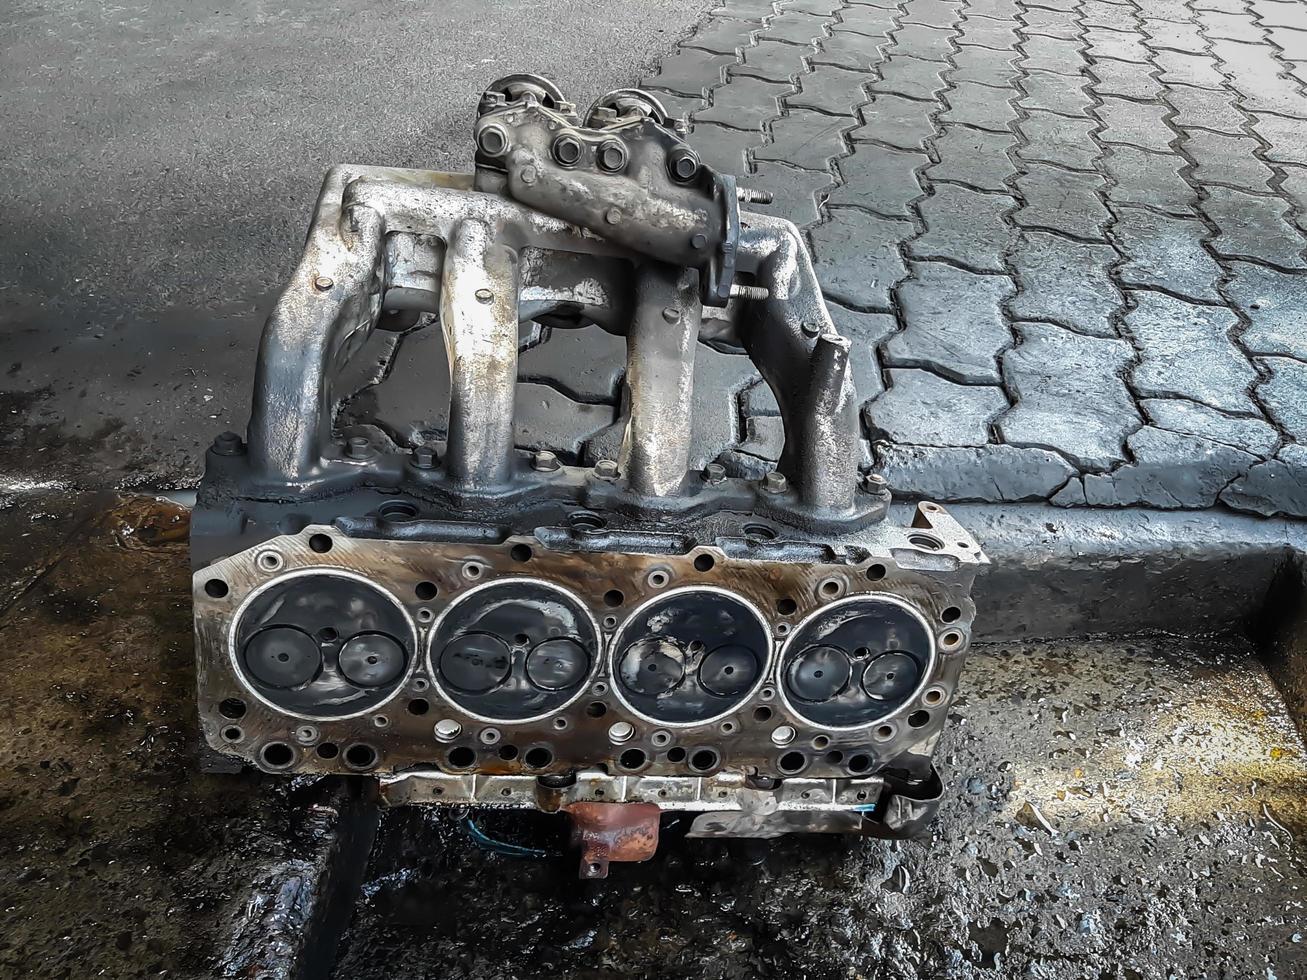 el bloque de cilindros del motor de cuatro cilindros. vehículo de motor desmontado para su reparación. foto